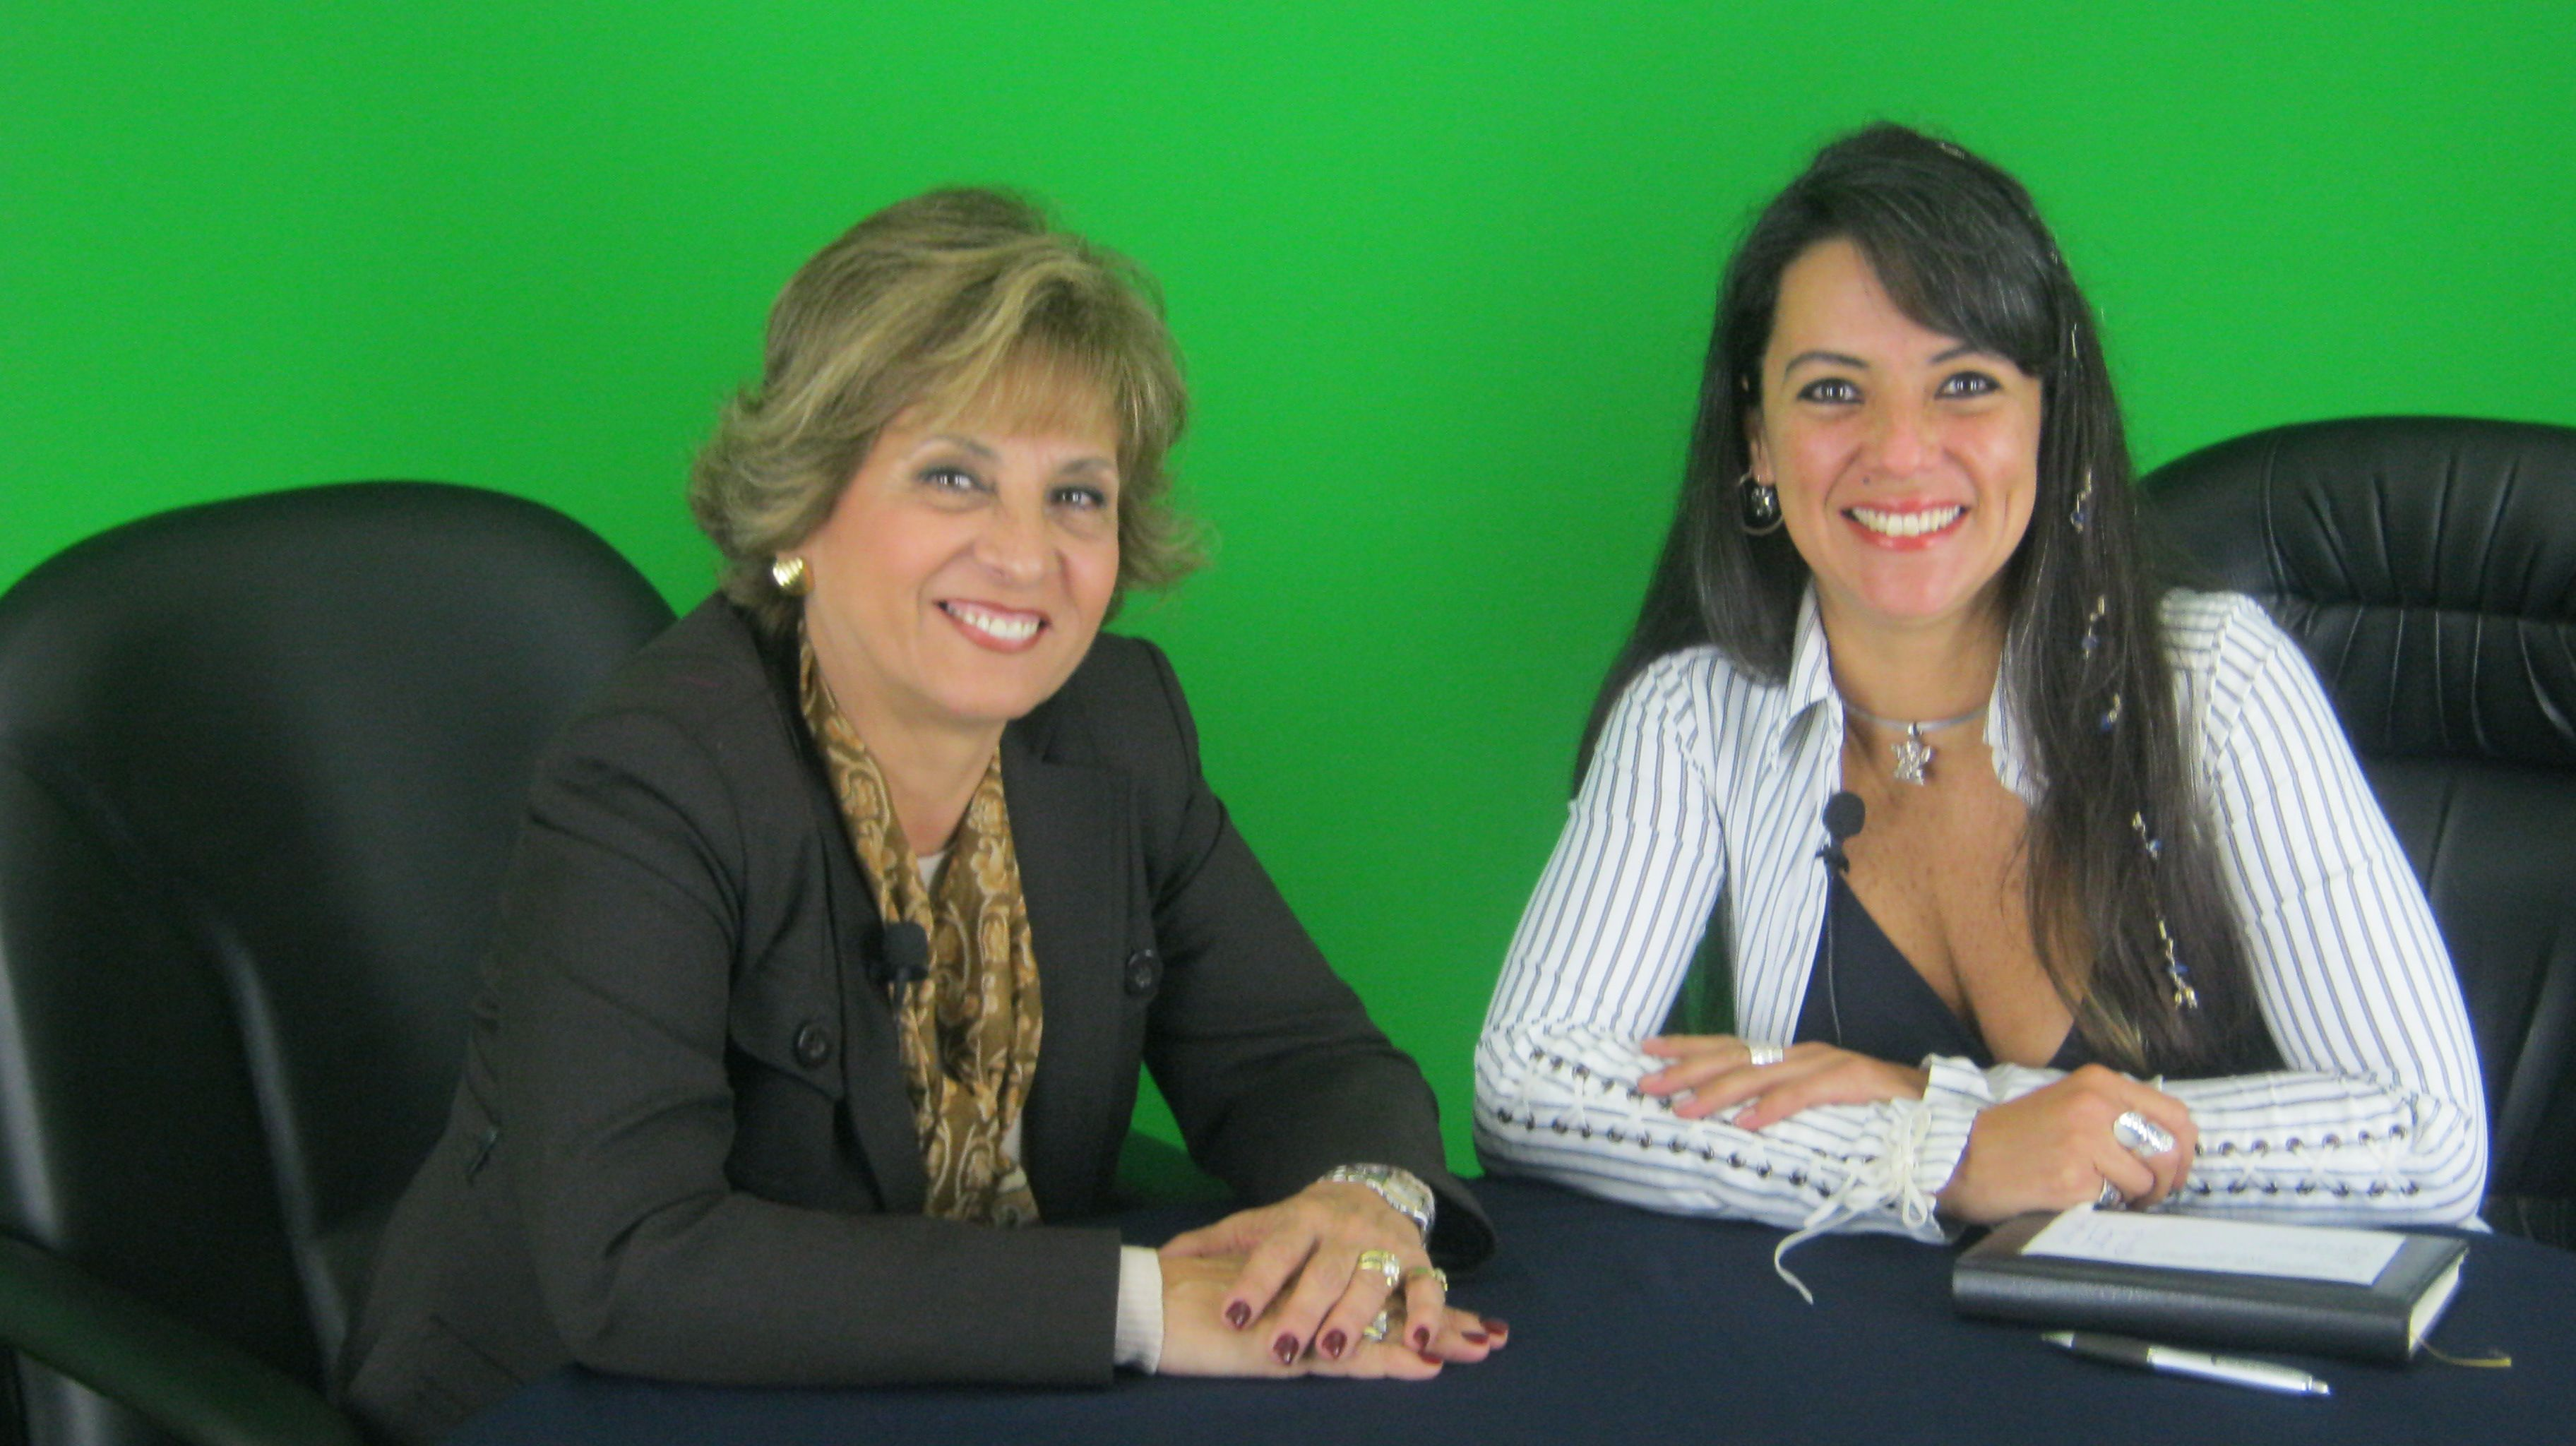 Teresa Ramirez de Alvarez, Presidenta del Comite de Apoyo Social de la Municipalidad de San Borja y Sara Sara, en el programa Noticiero Astral con Sara Sara de perunet.tv